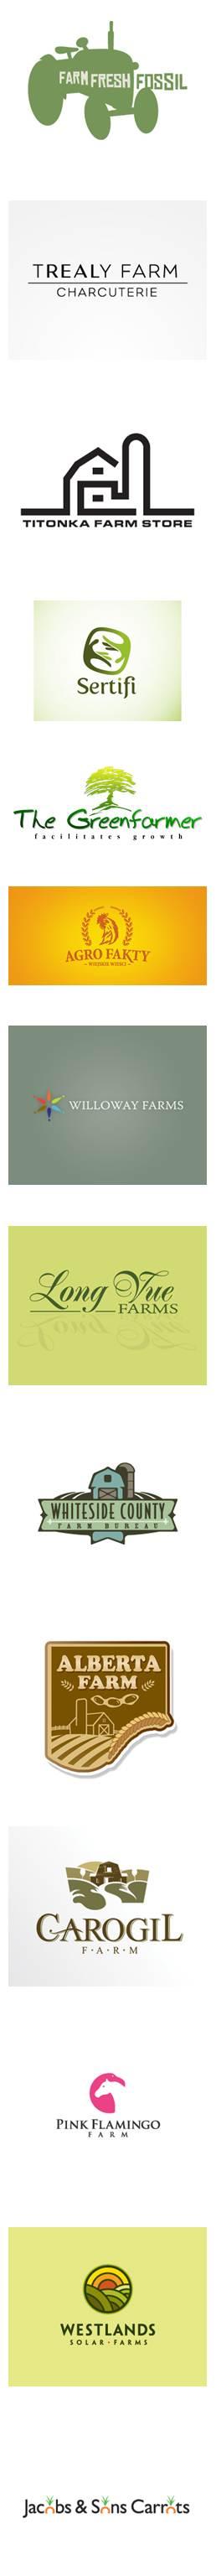 Top Logo azienda agricola: ispirazioni e linee guida - Starbytes.it DM41